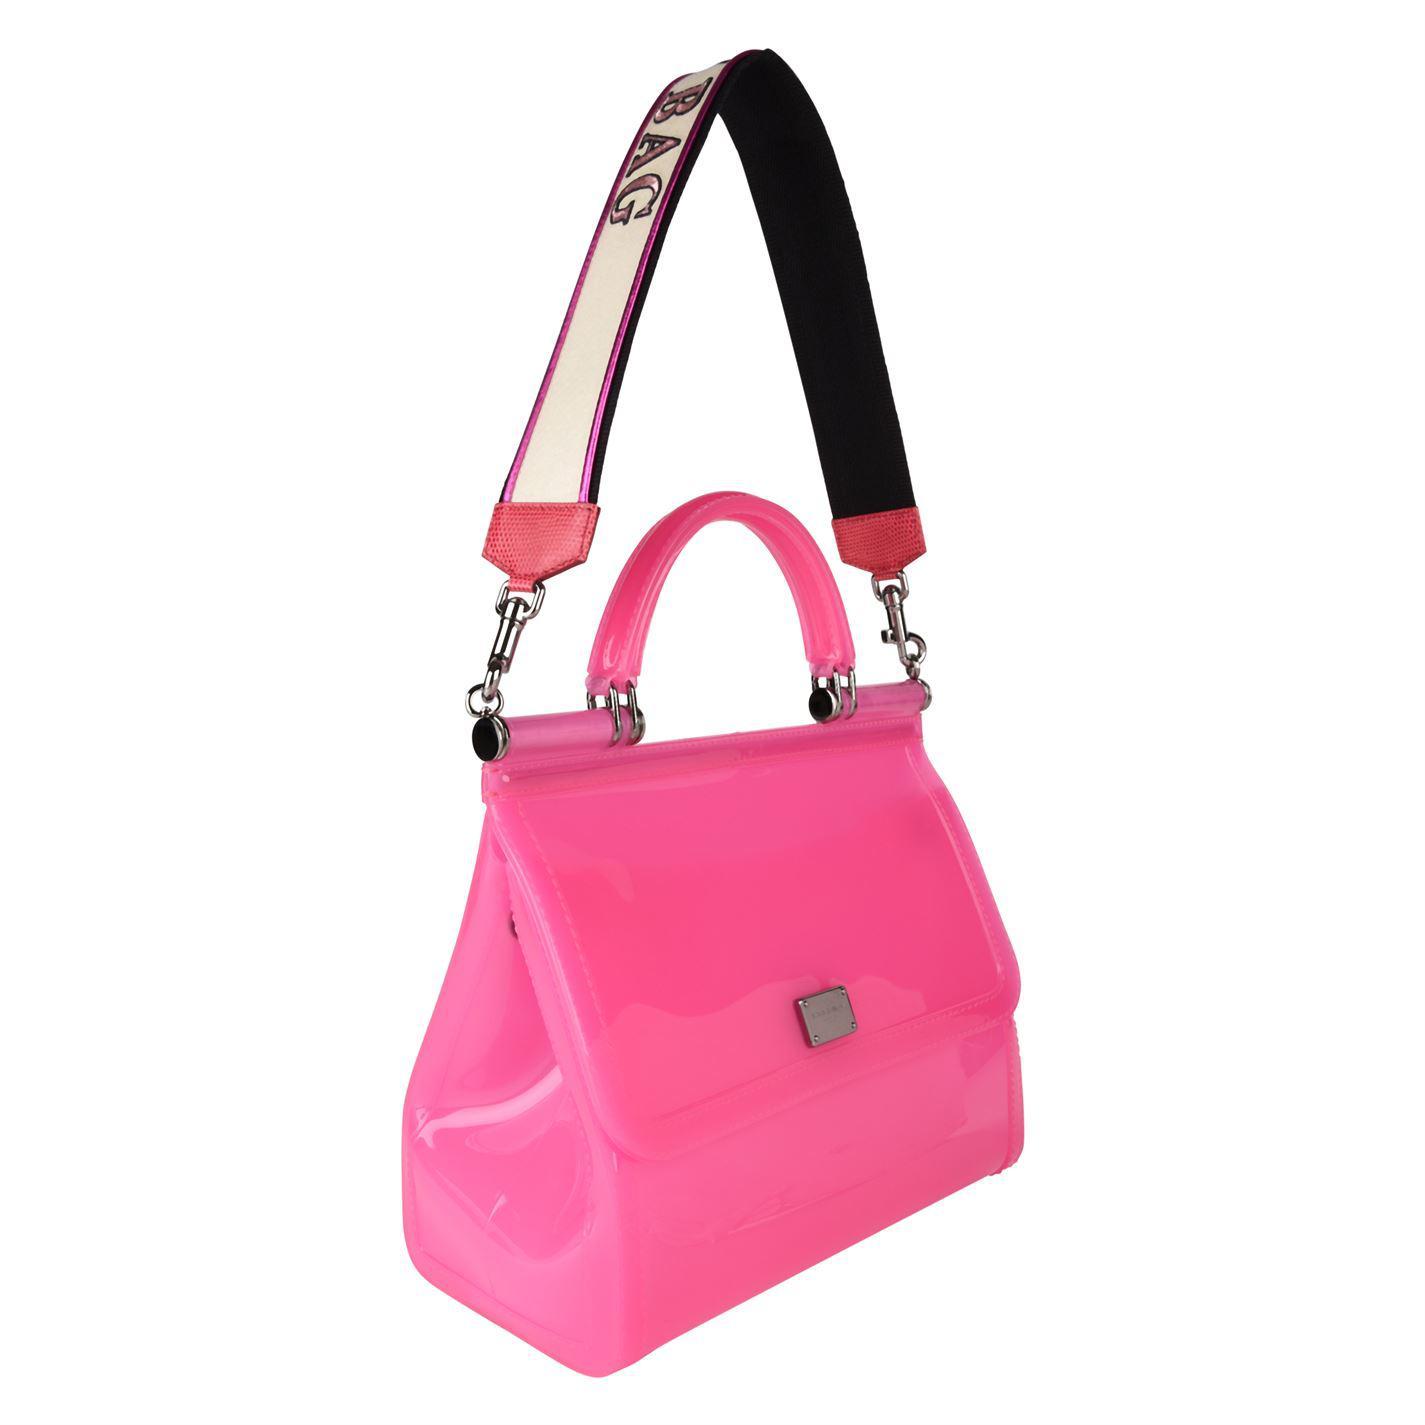 e80a320442 Lyst - Dolce   Gabbana Sicily Semi Transparent Rubber Bag in Pink